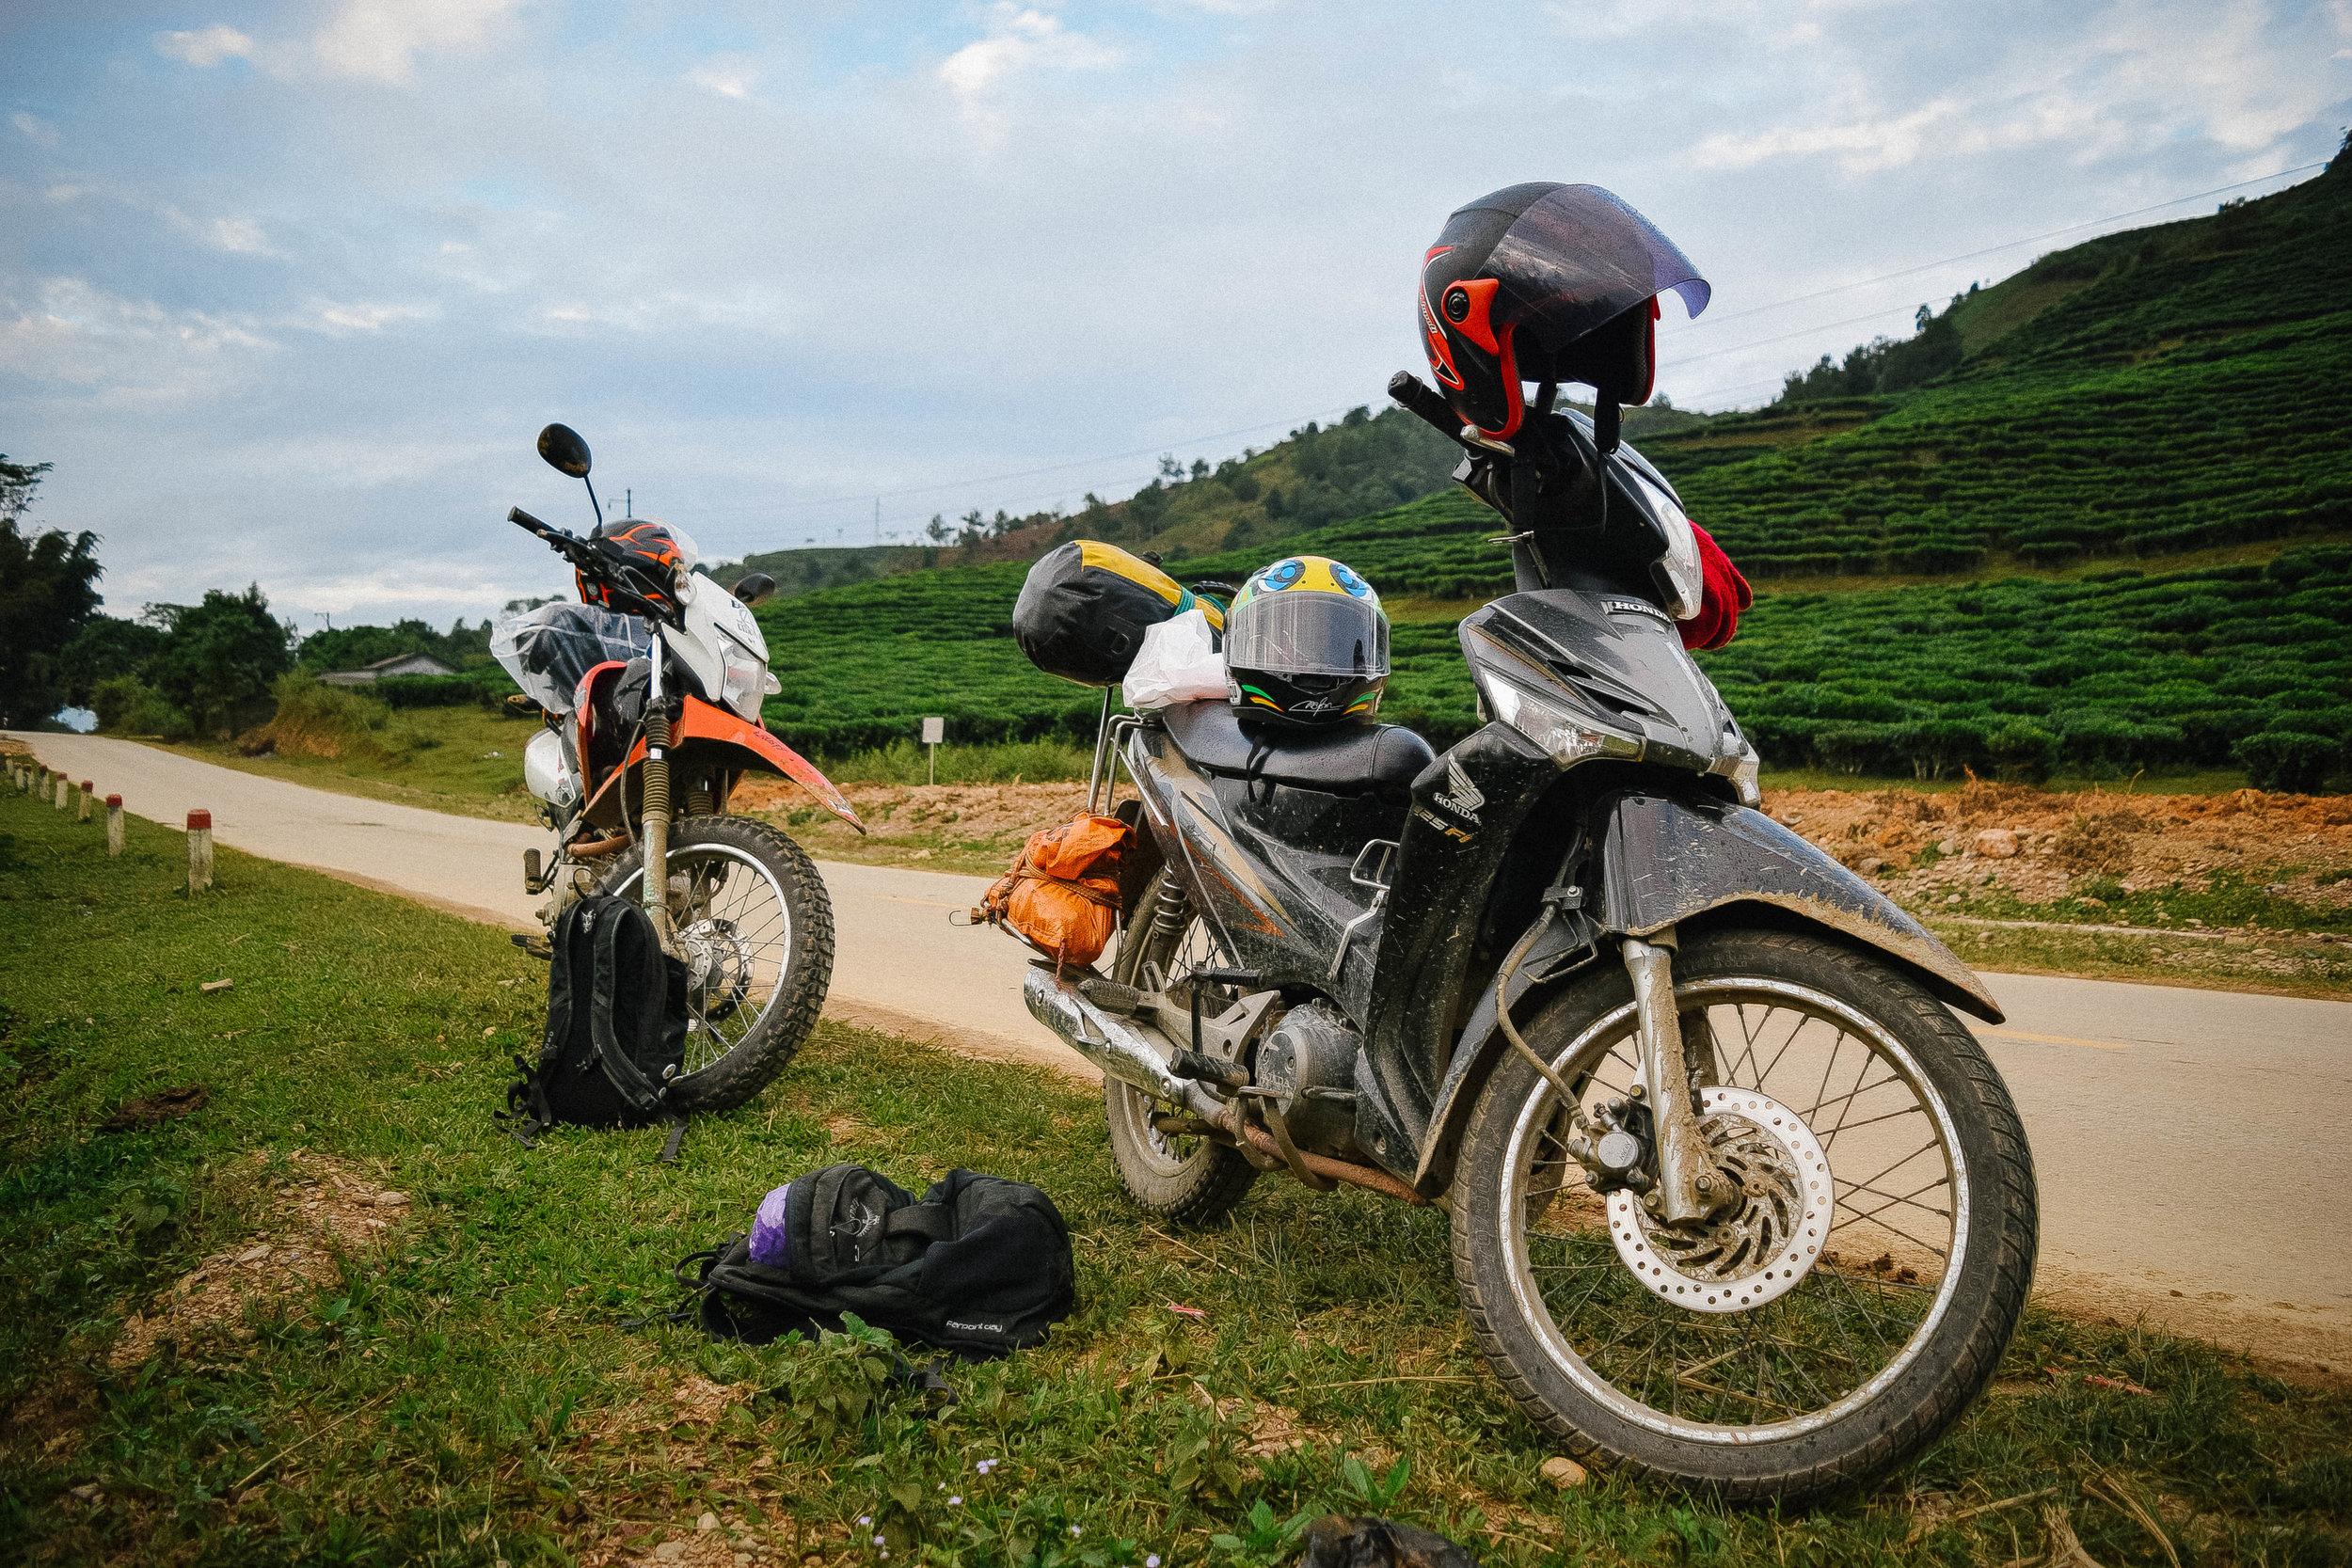 Motorcycles in Ha Giang